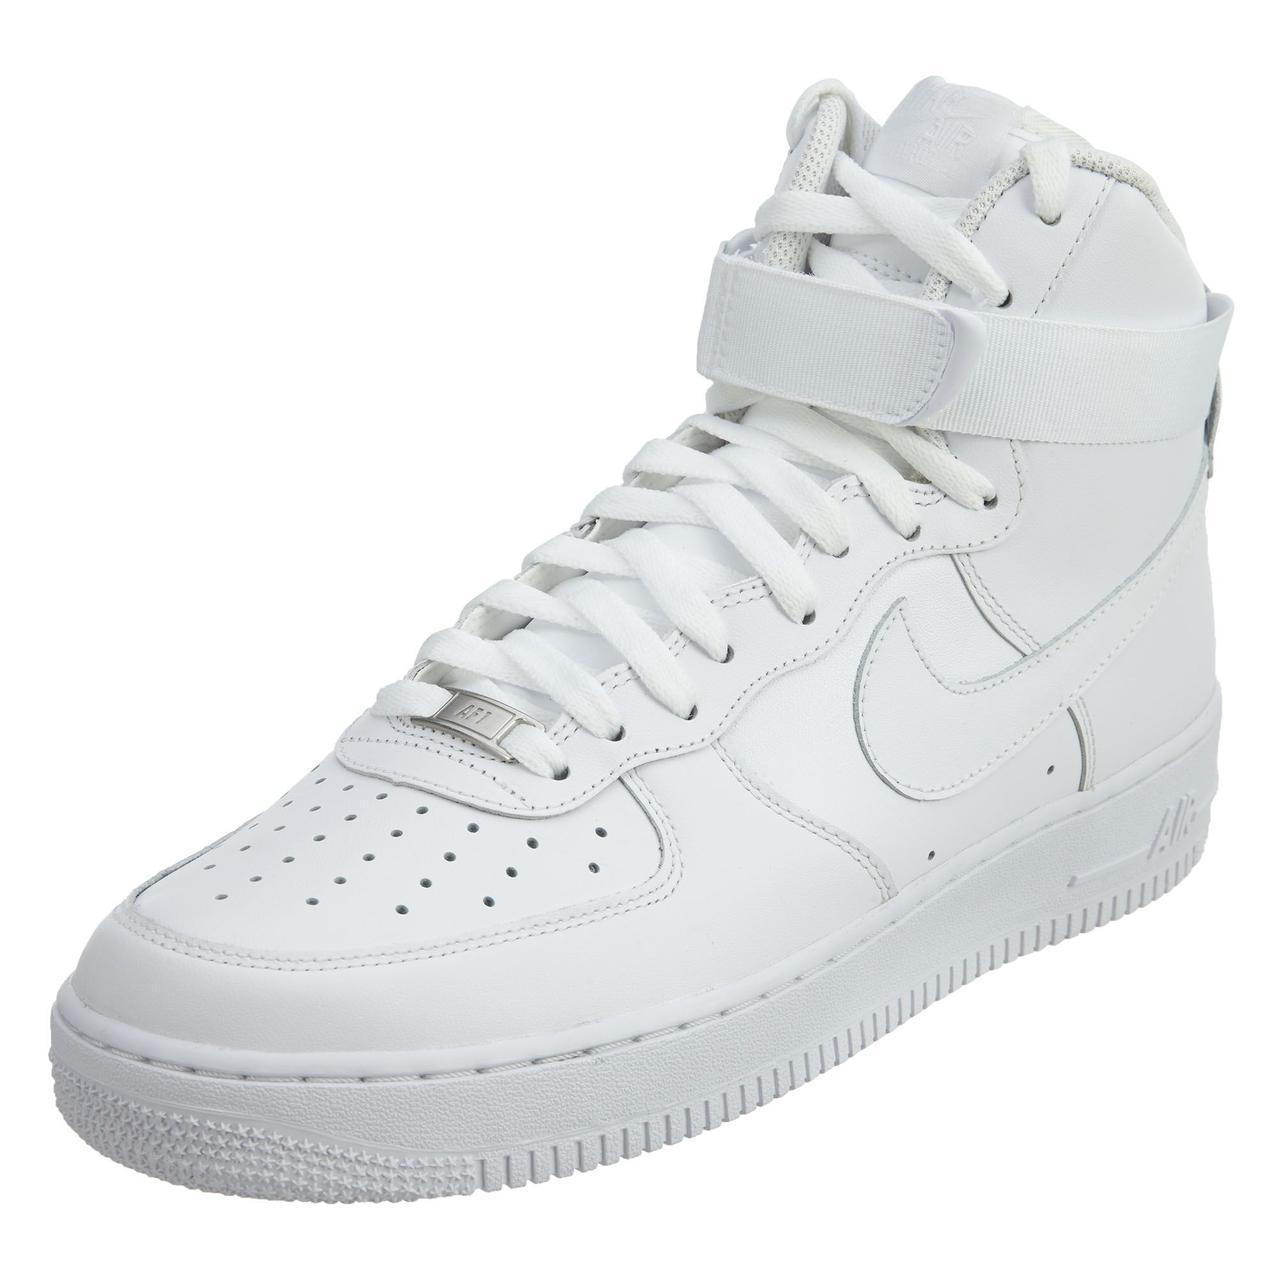 Кроссовки оригинал Nike Air Force 1 HIGH 334031 105